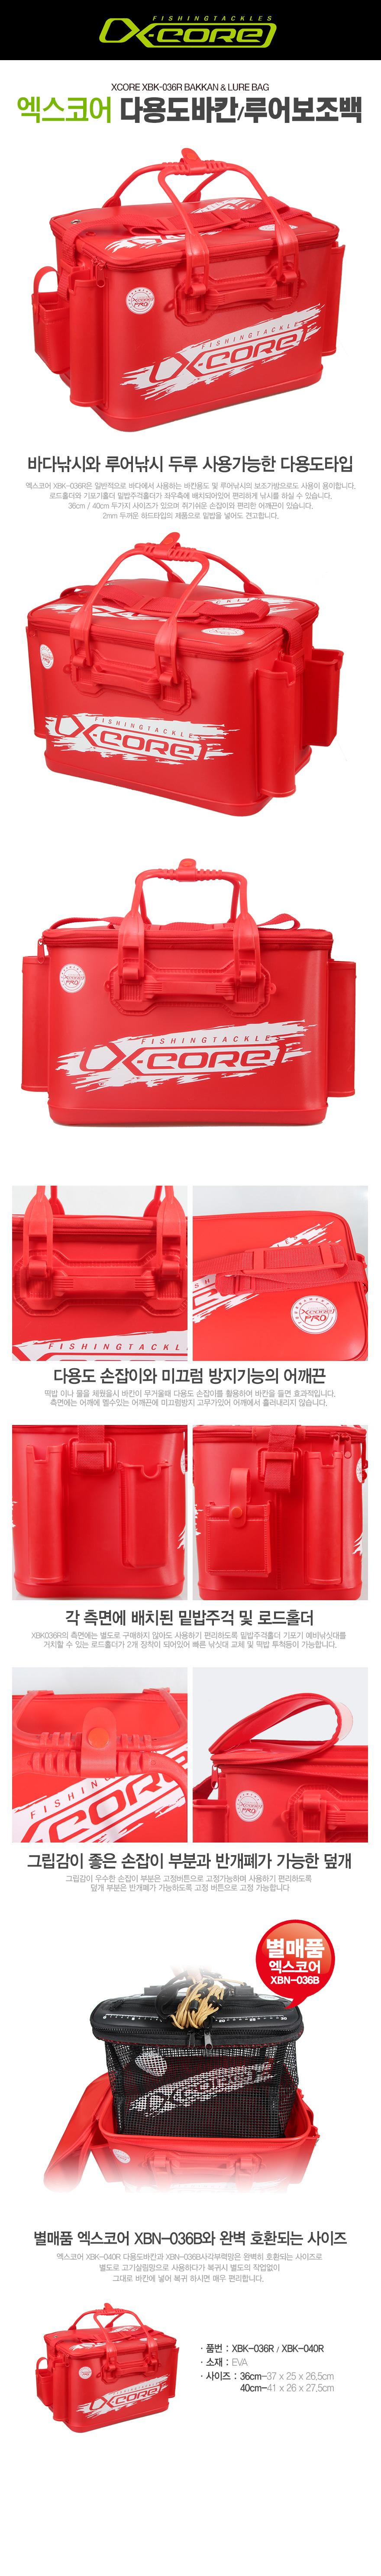 엑스코어 다용도바캉 2mm (XBK-036R) (XBK-040R) 루어보조백 살림통 세미하드밑밥통 삐꾸통 바칸